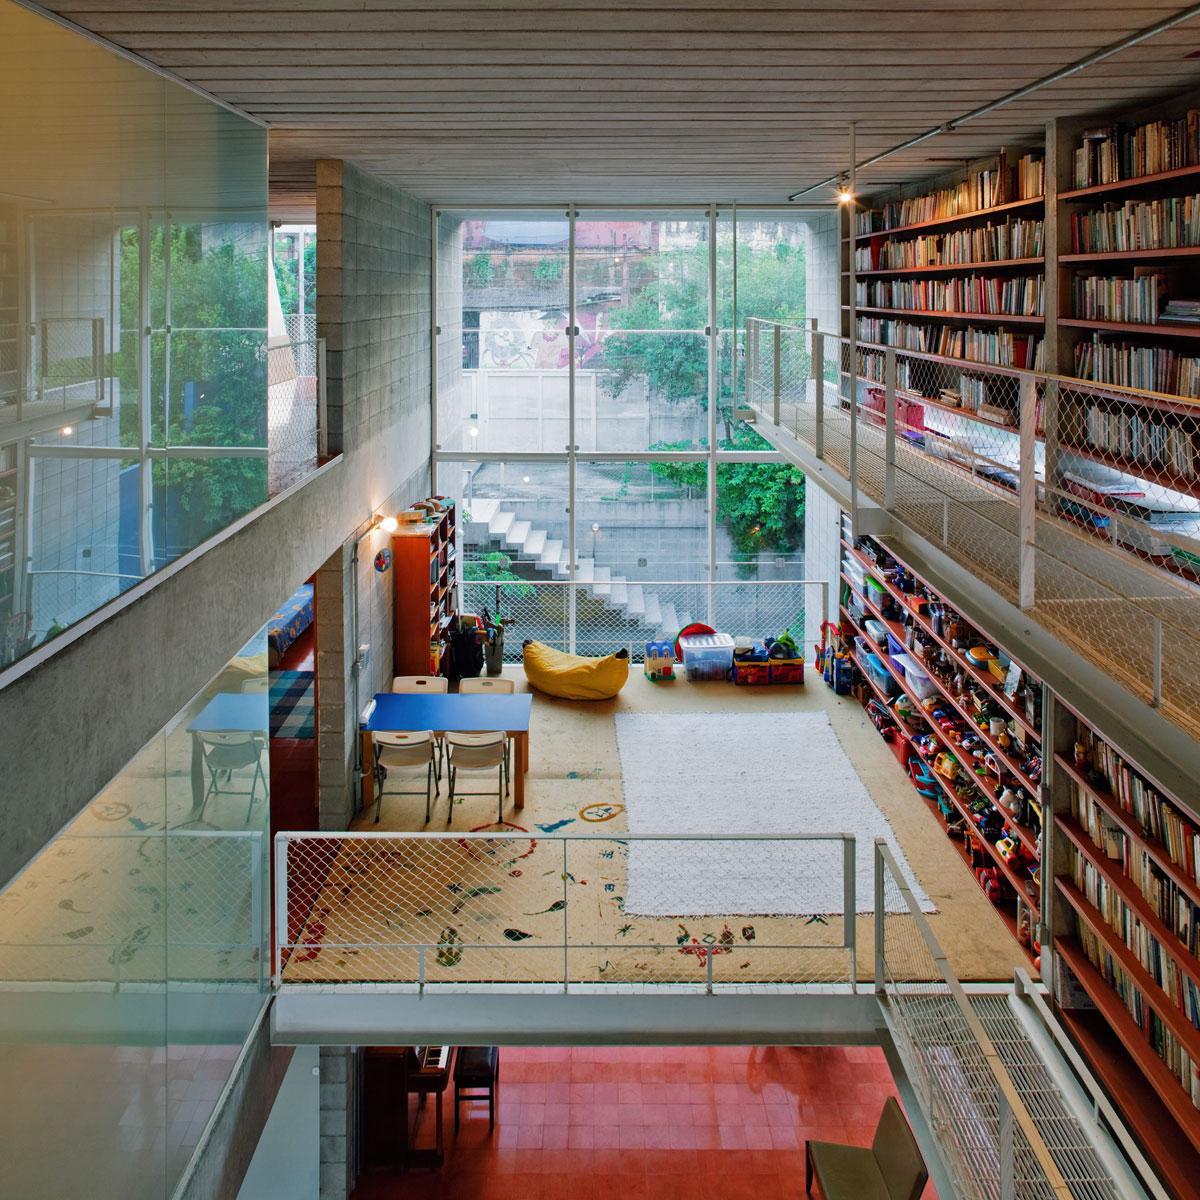 7500冊もの蔵書が壁に設置されている図書館のような邸宅。Bookcase Wall House 17